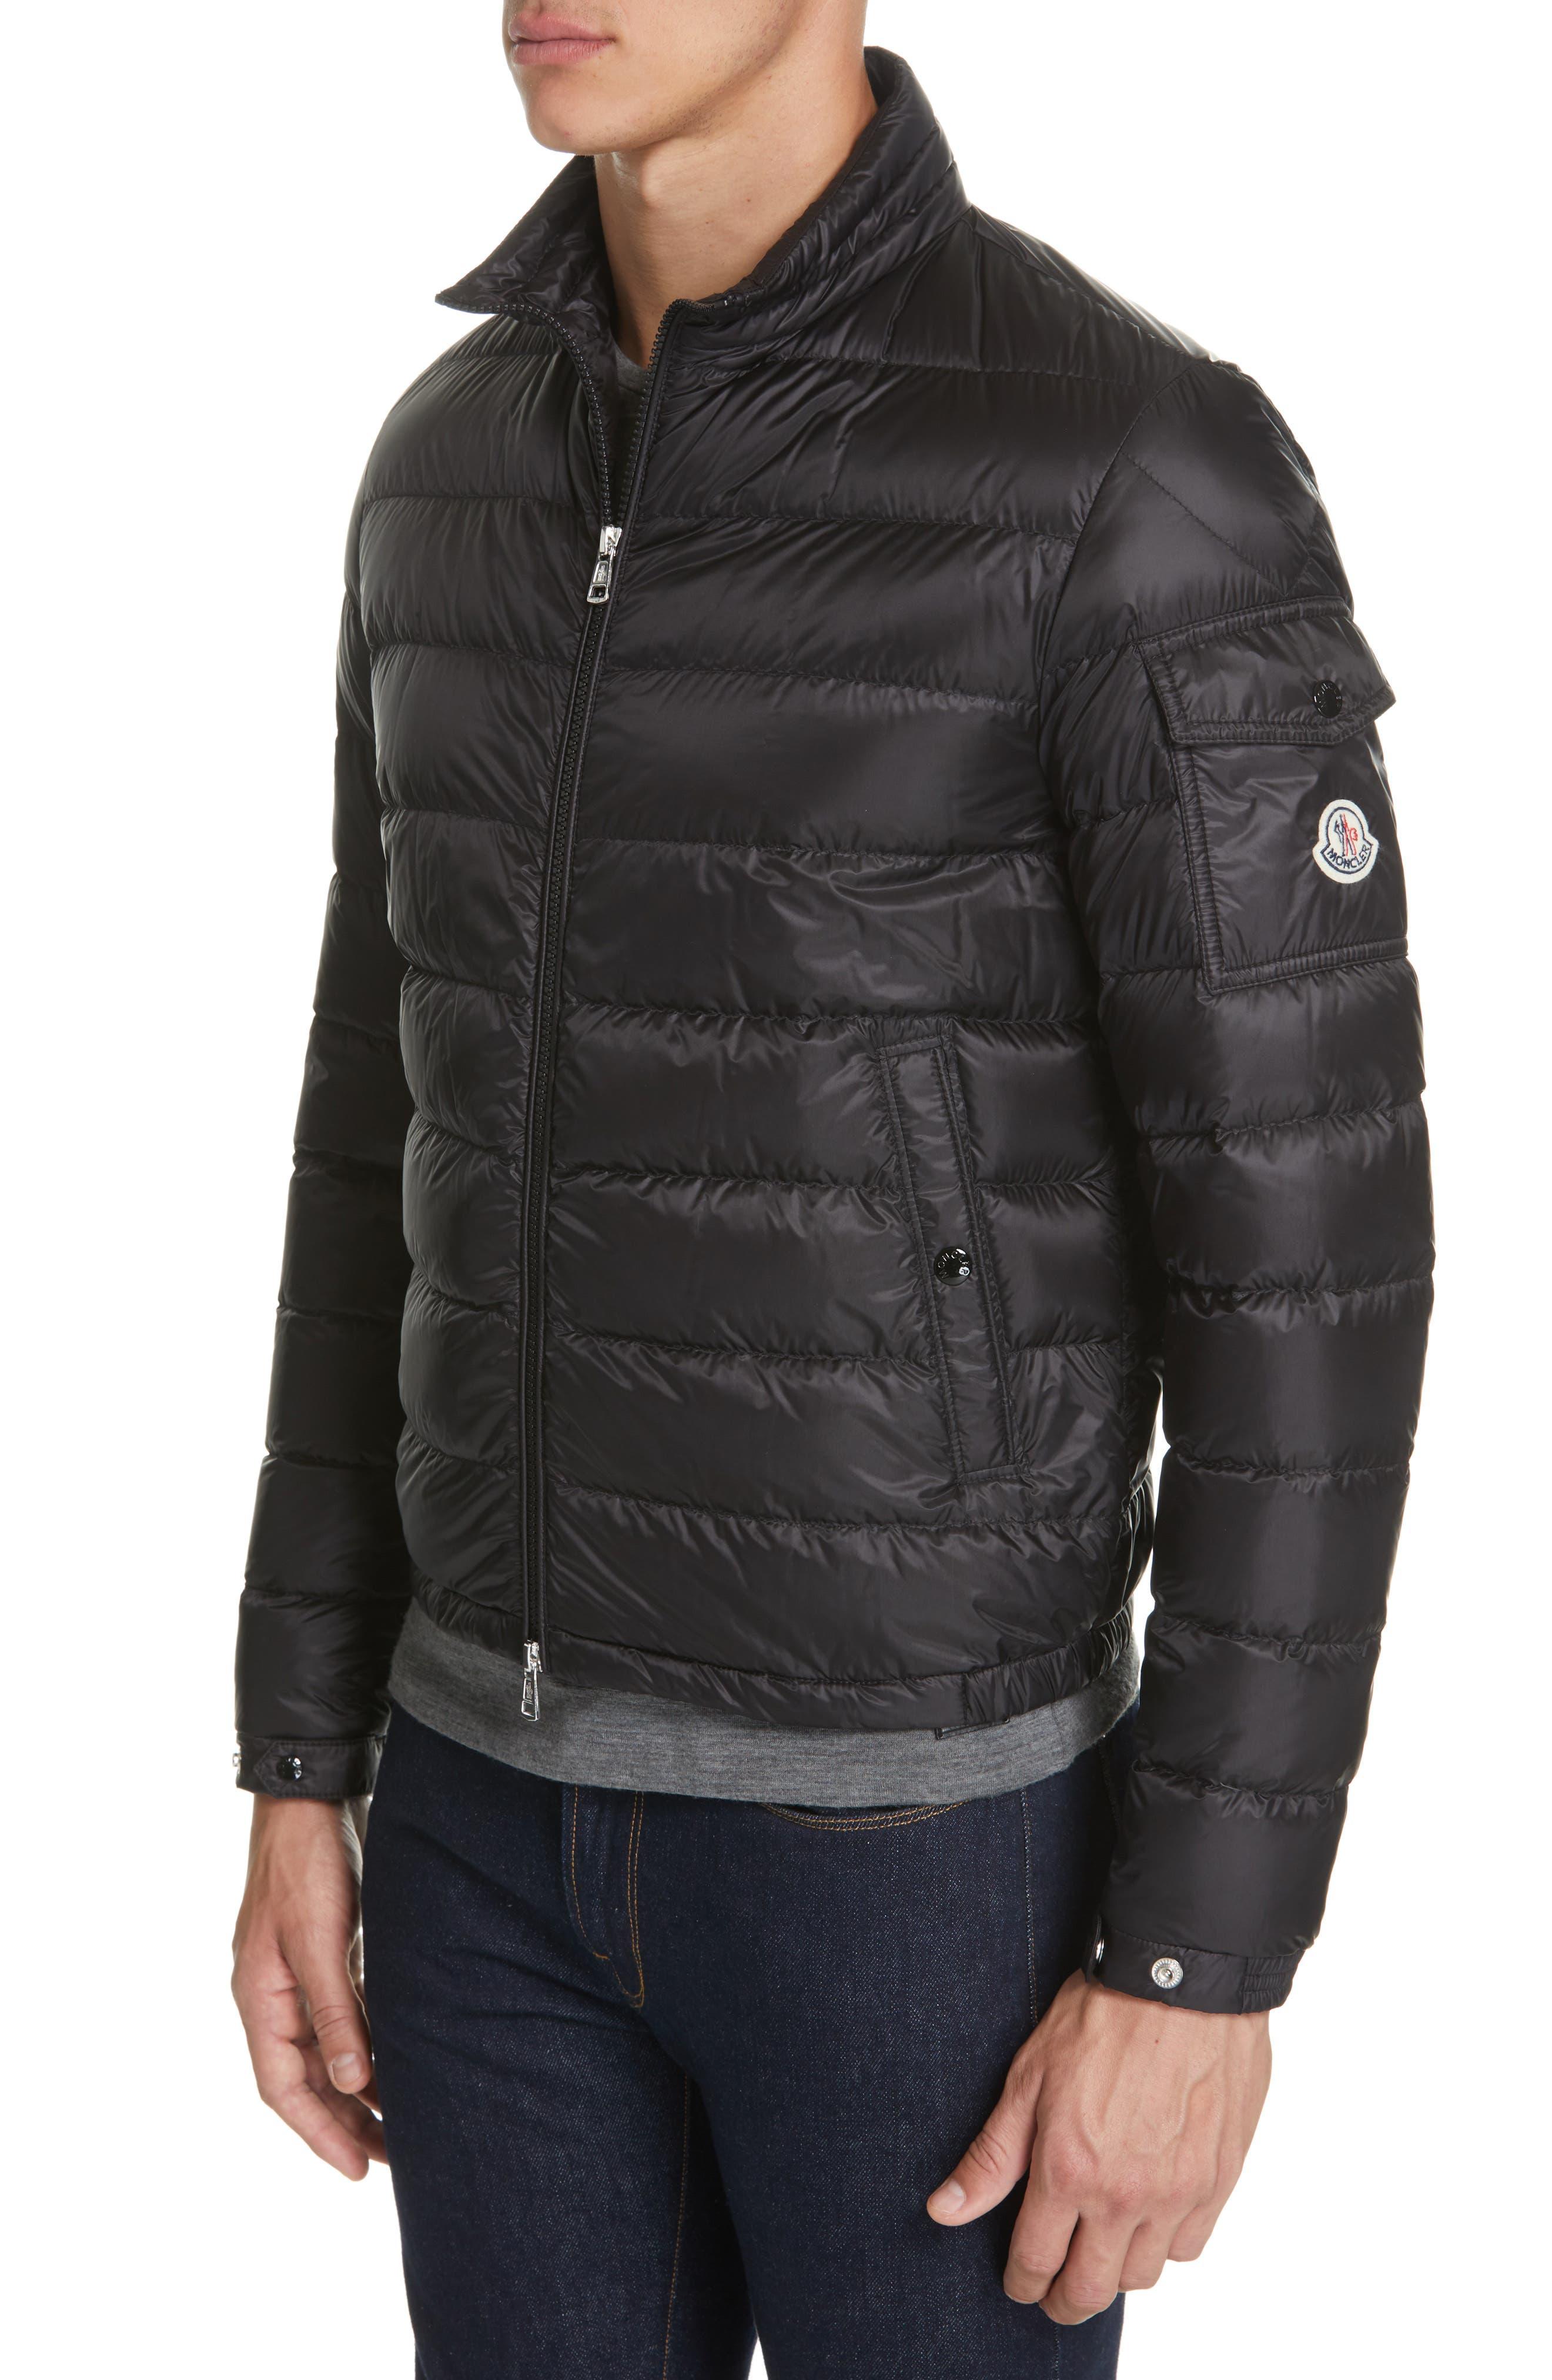 Moncler Lambot Zip Up Jacket, Black